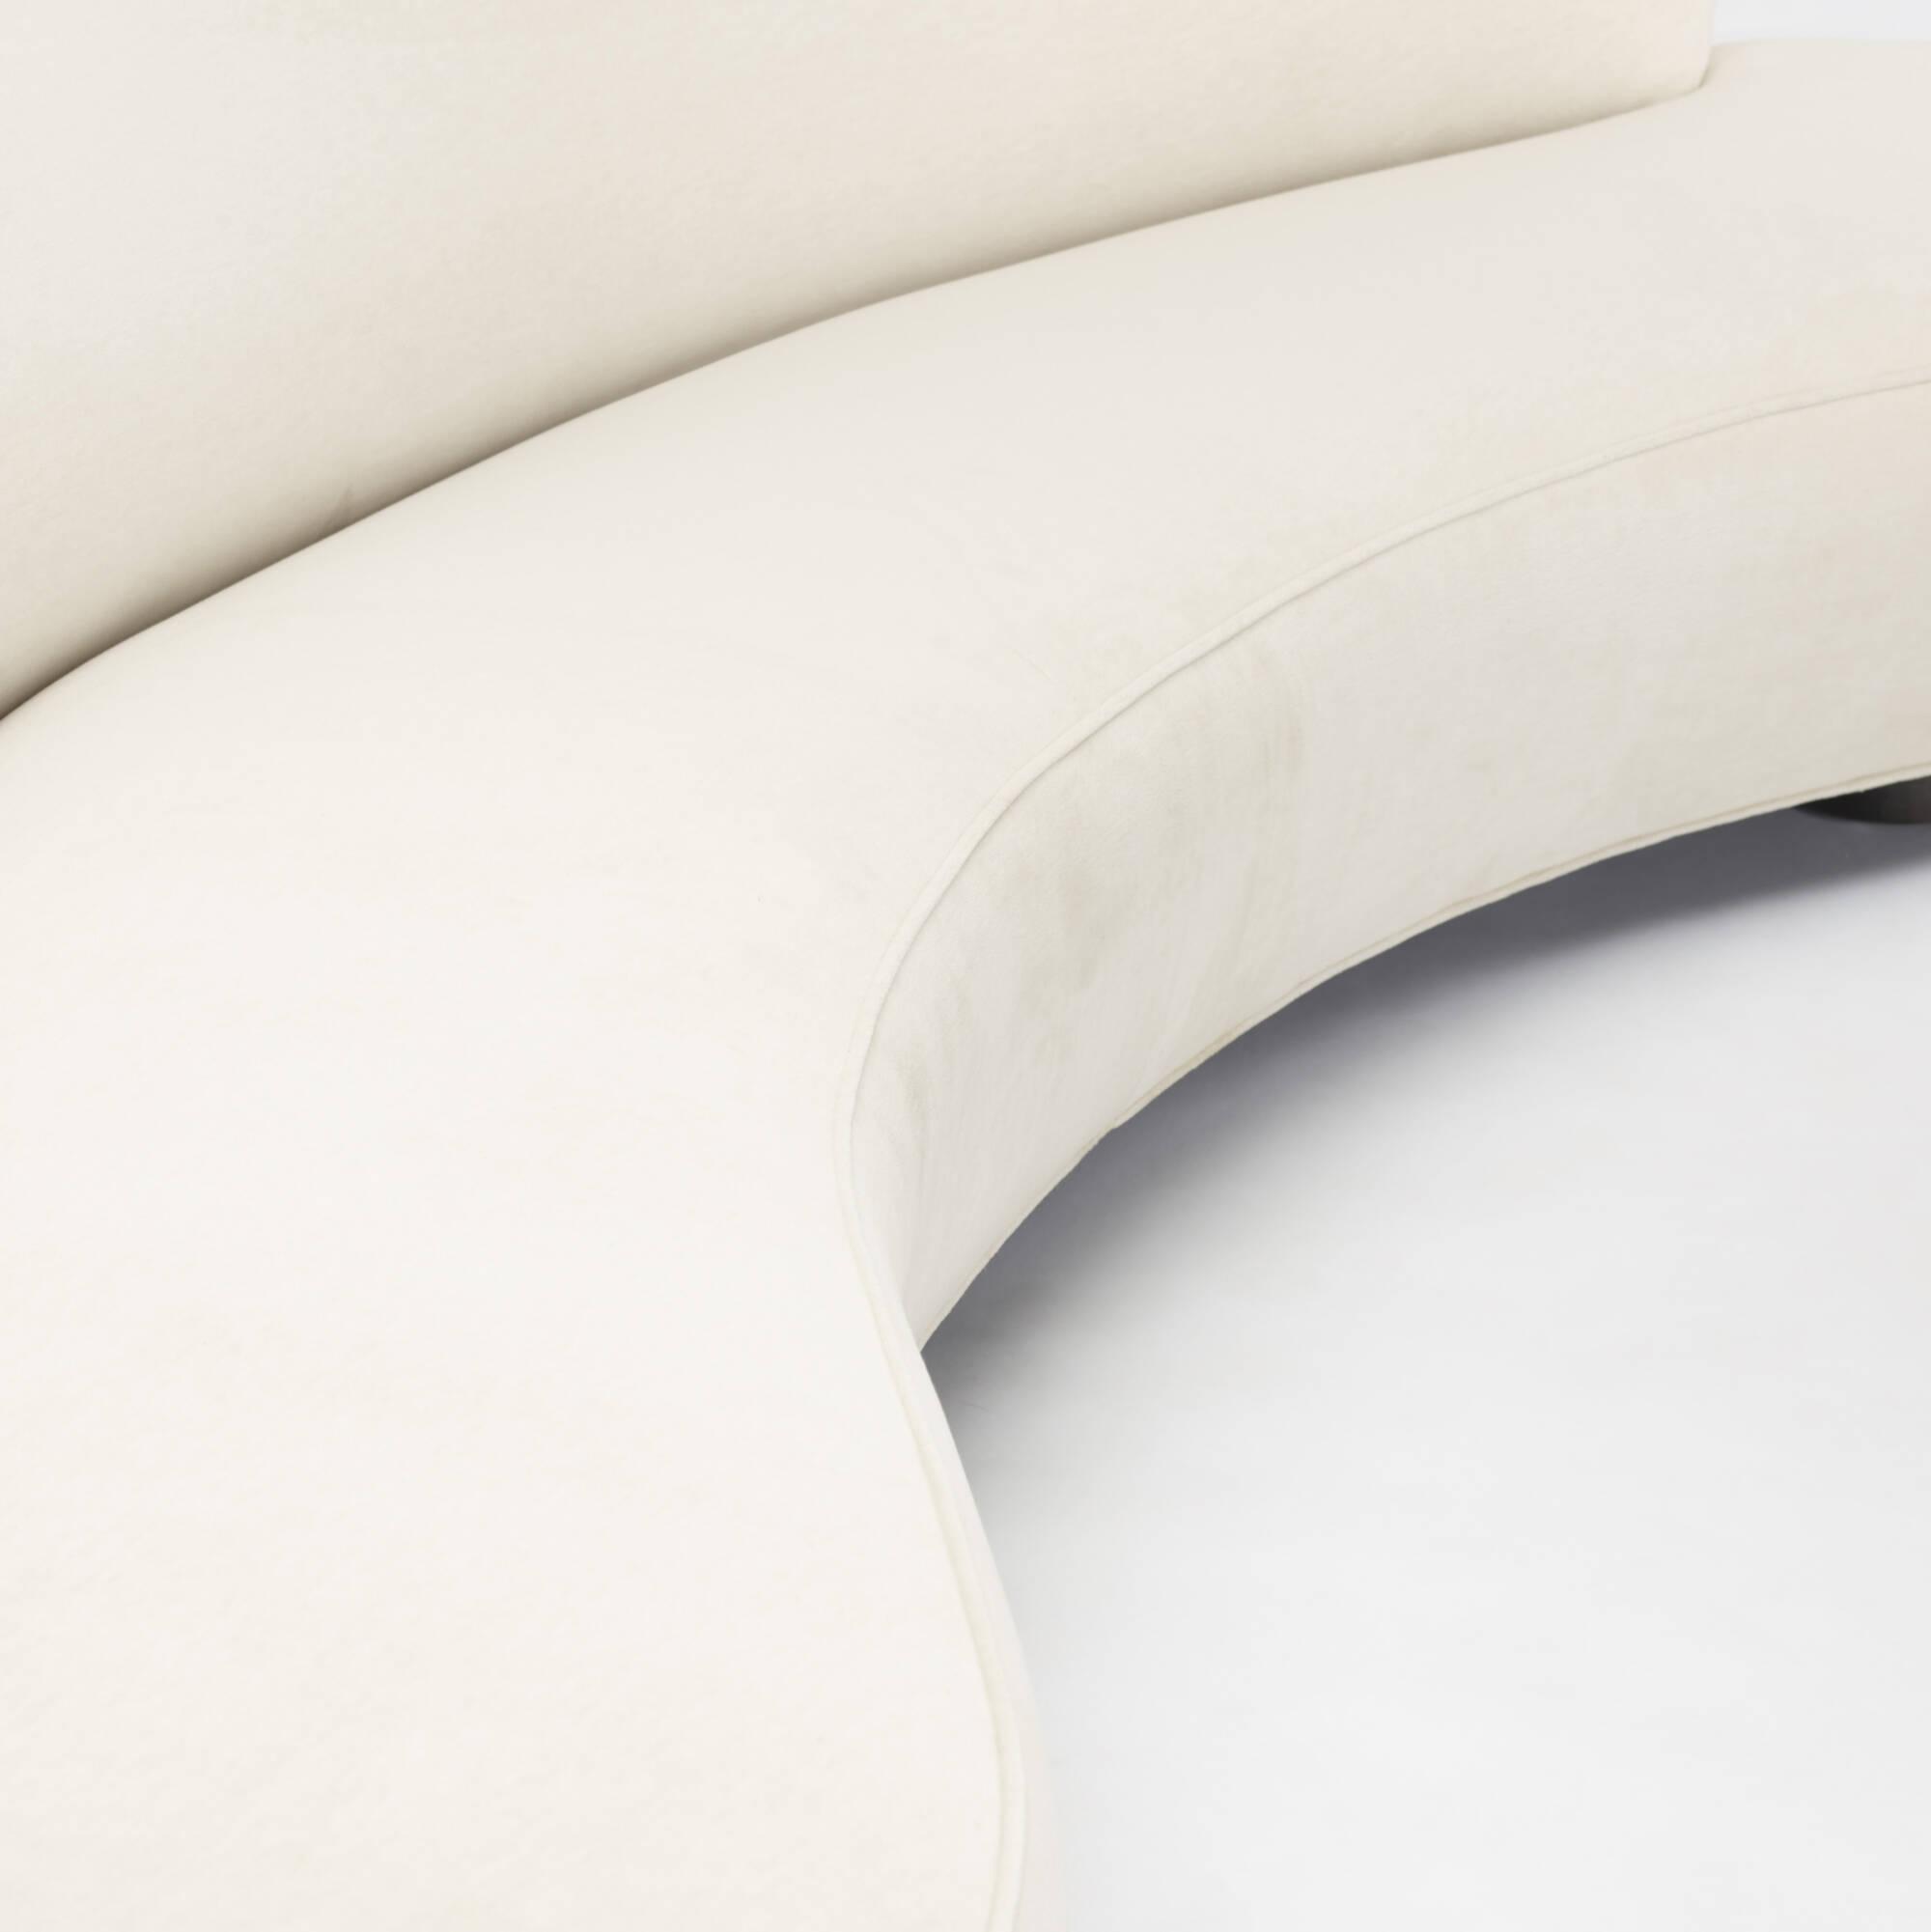 438 Vladimir Kagan Serpentine sofa Design 8 June 2017